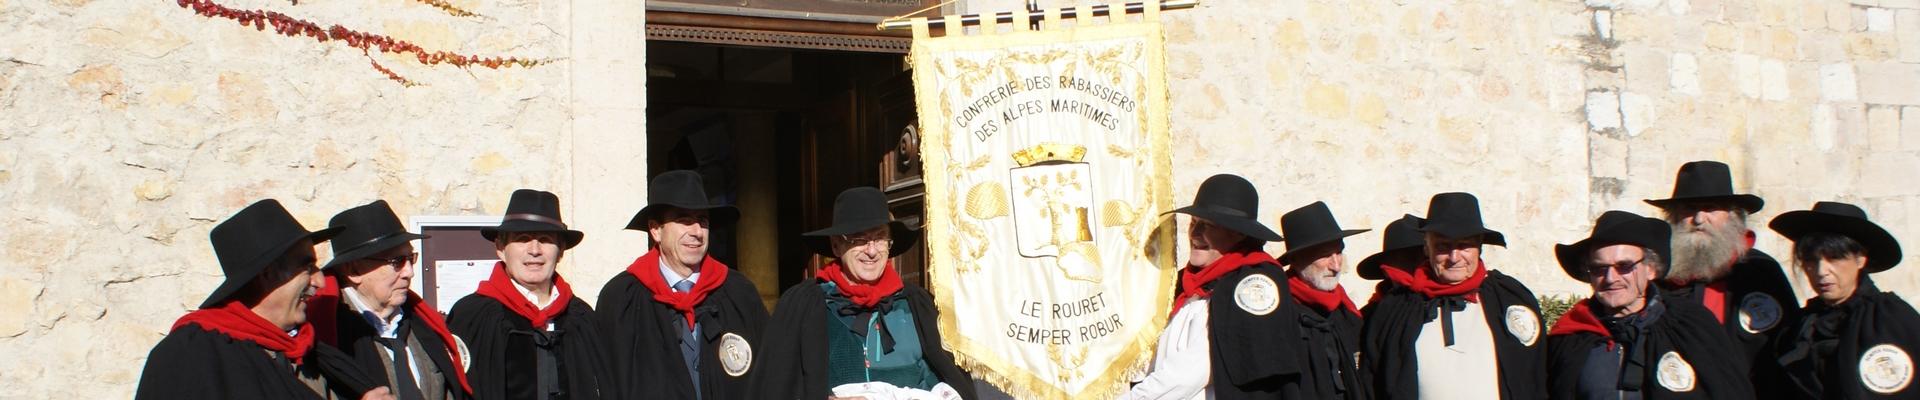 Bandeau Rabassiers Le Rouret